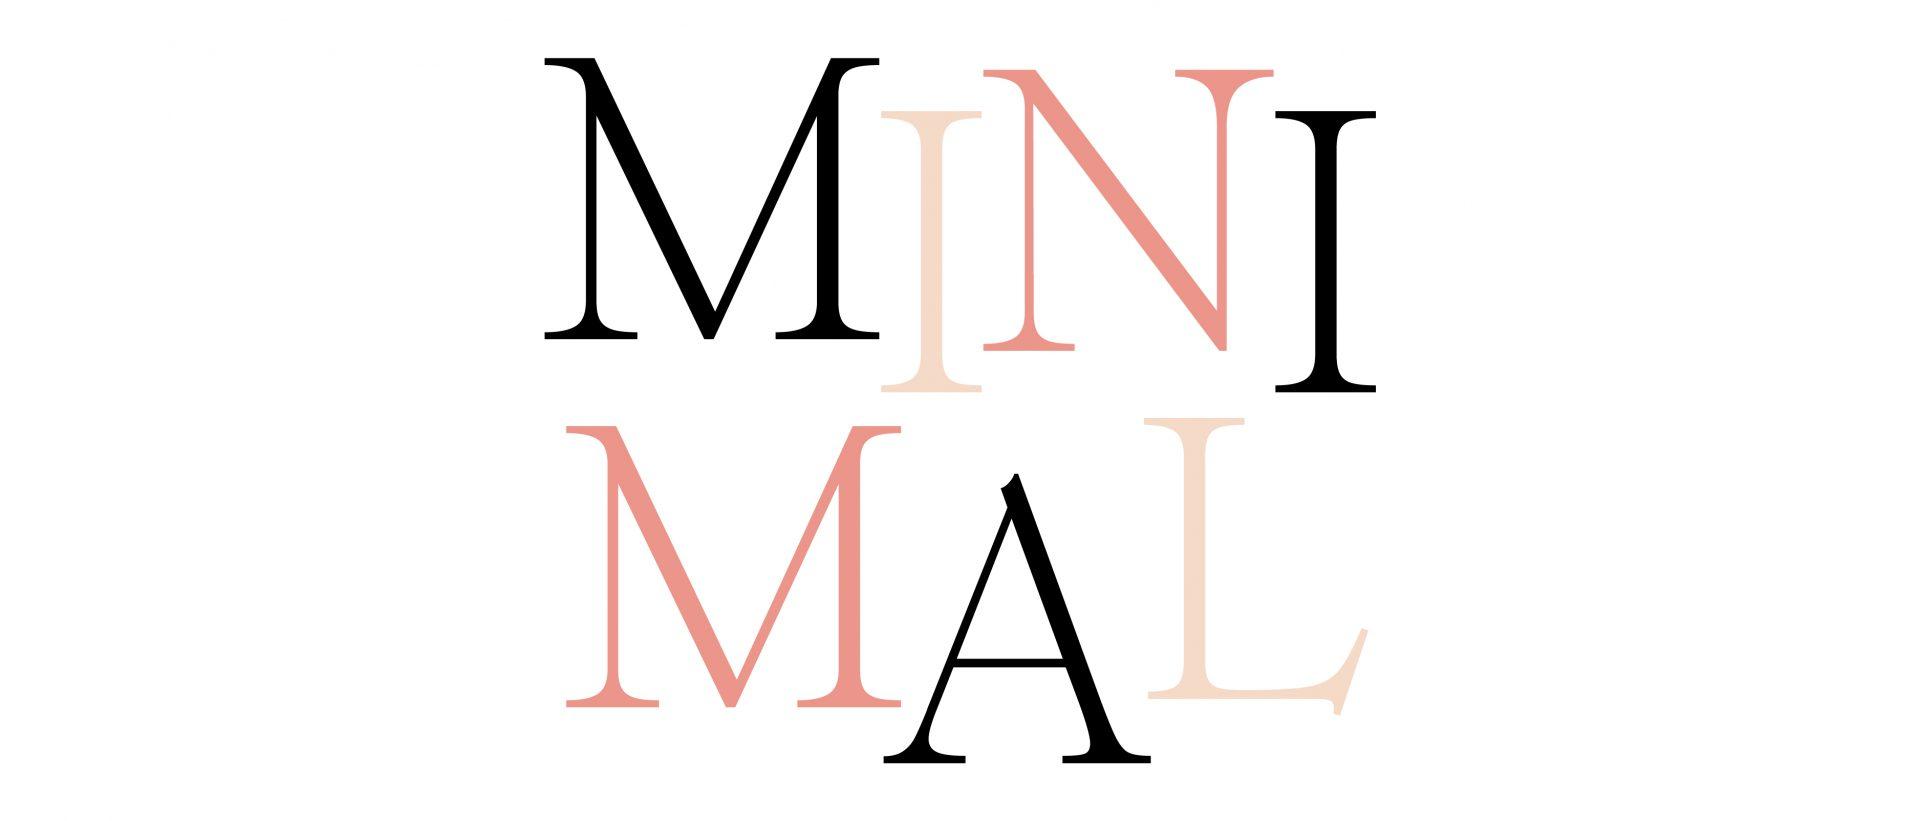 Qu'est-ce que le style minimaliste ?